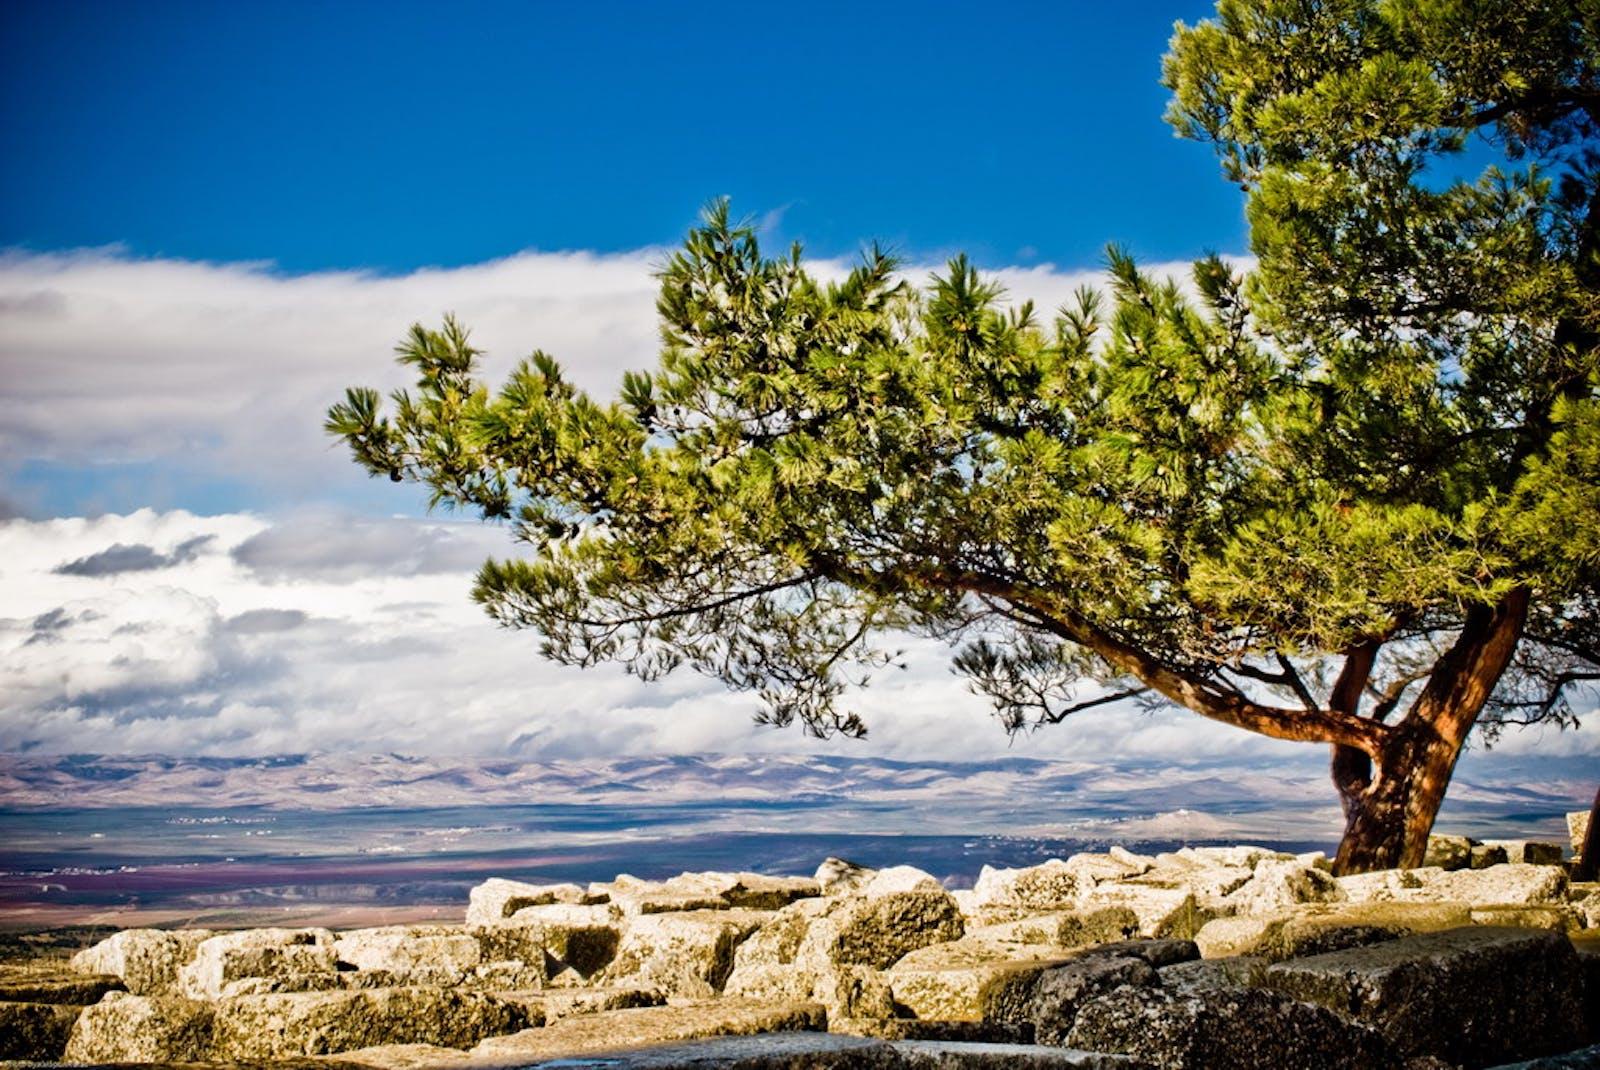 Eastern Mediterranean Conifer-Broadleaf Forests